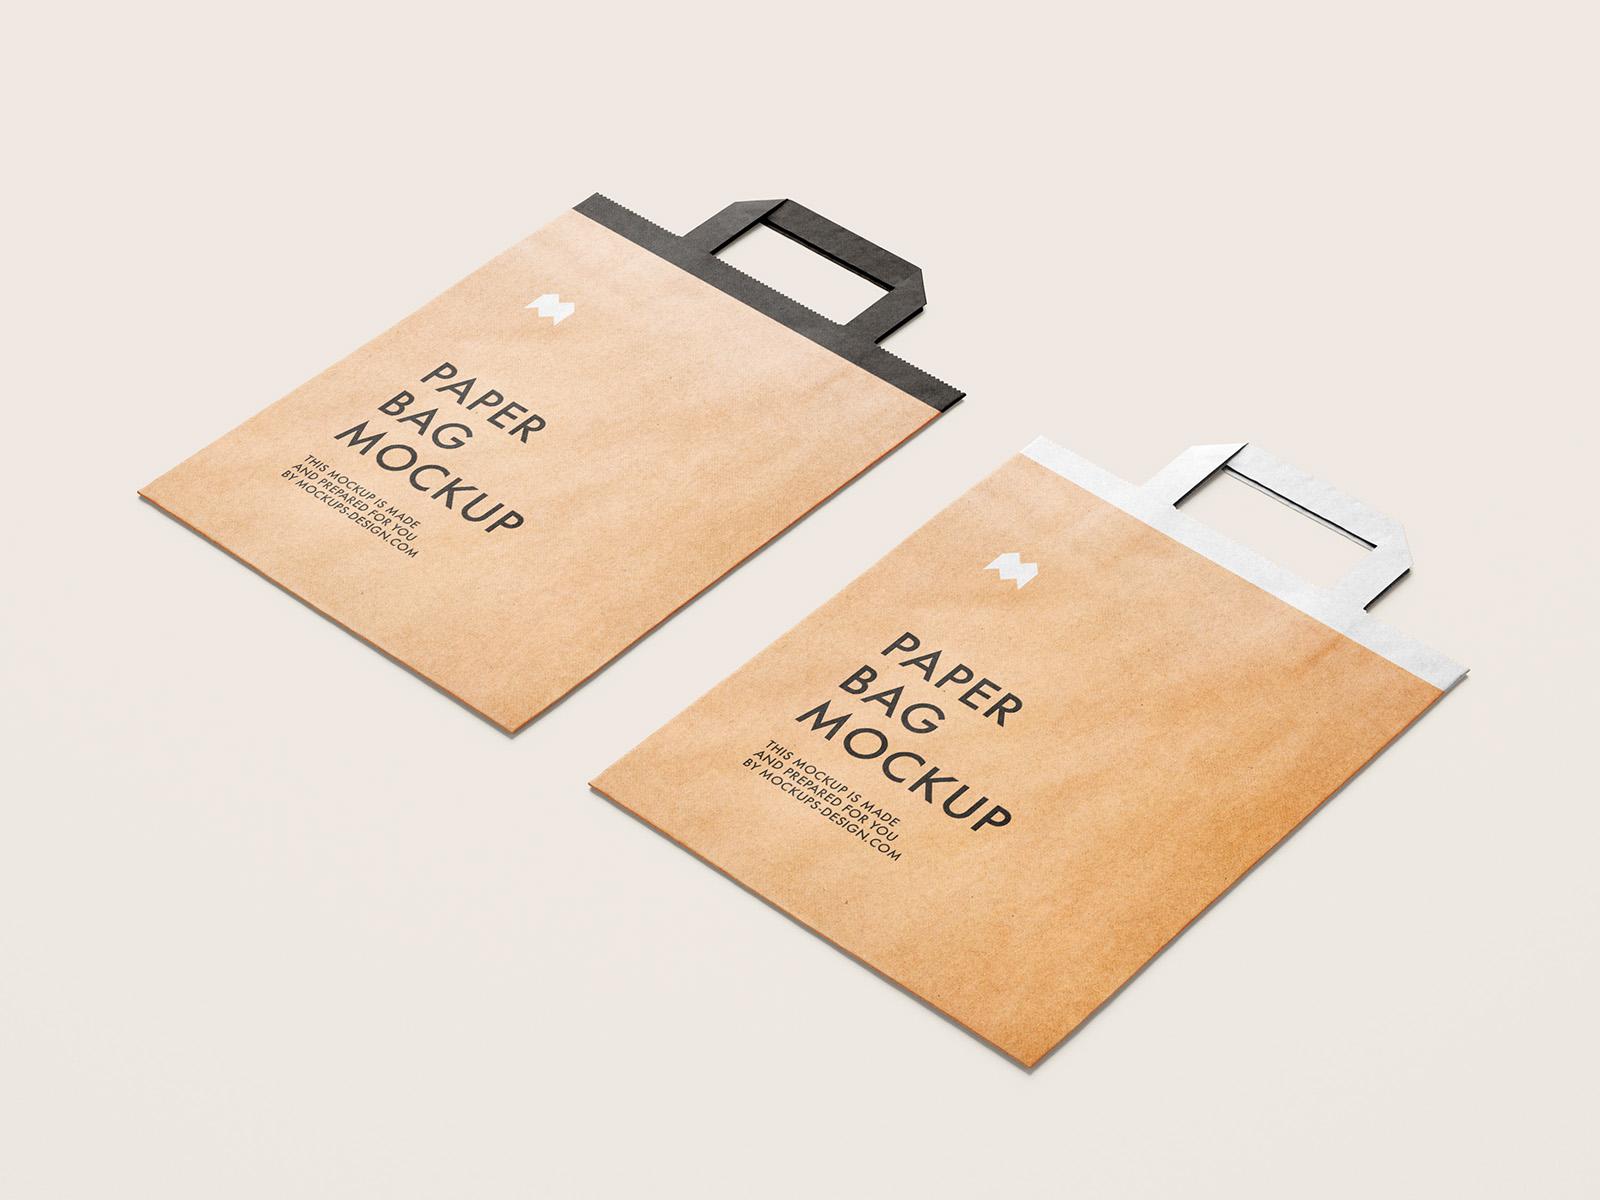 Download free bag mockup format : Free Flattened Paper Bag Mockup Mockups Design